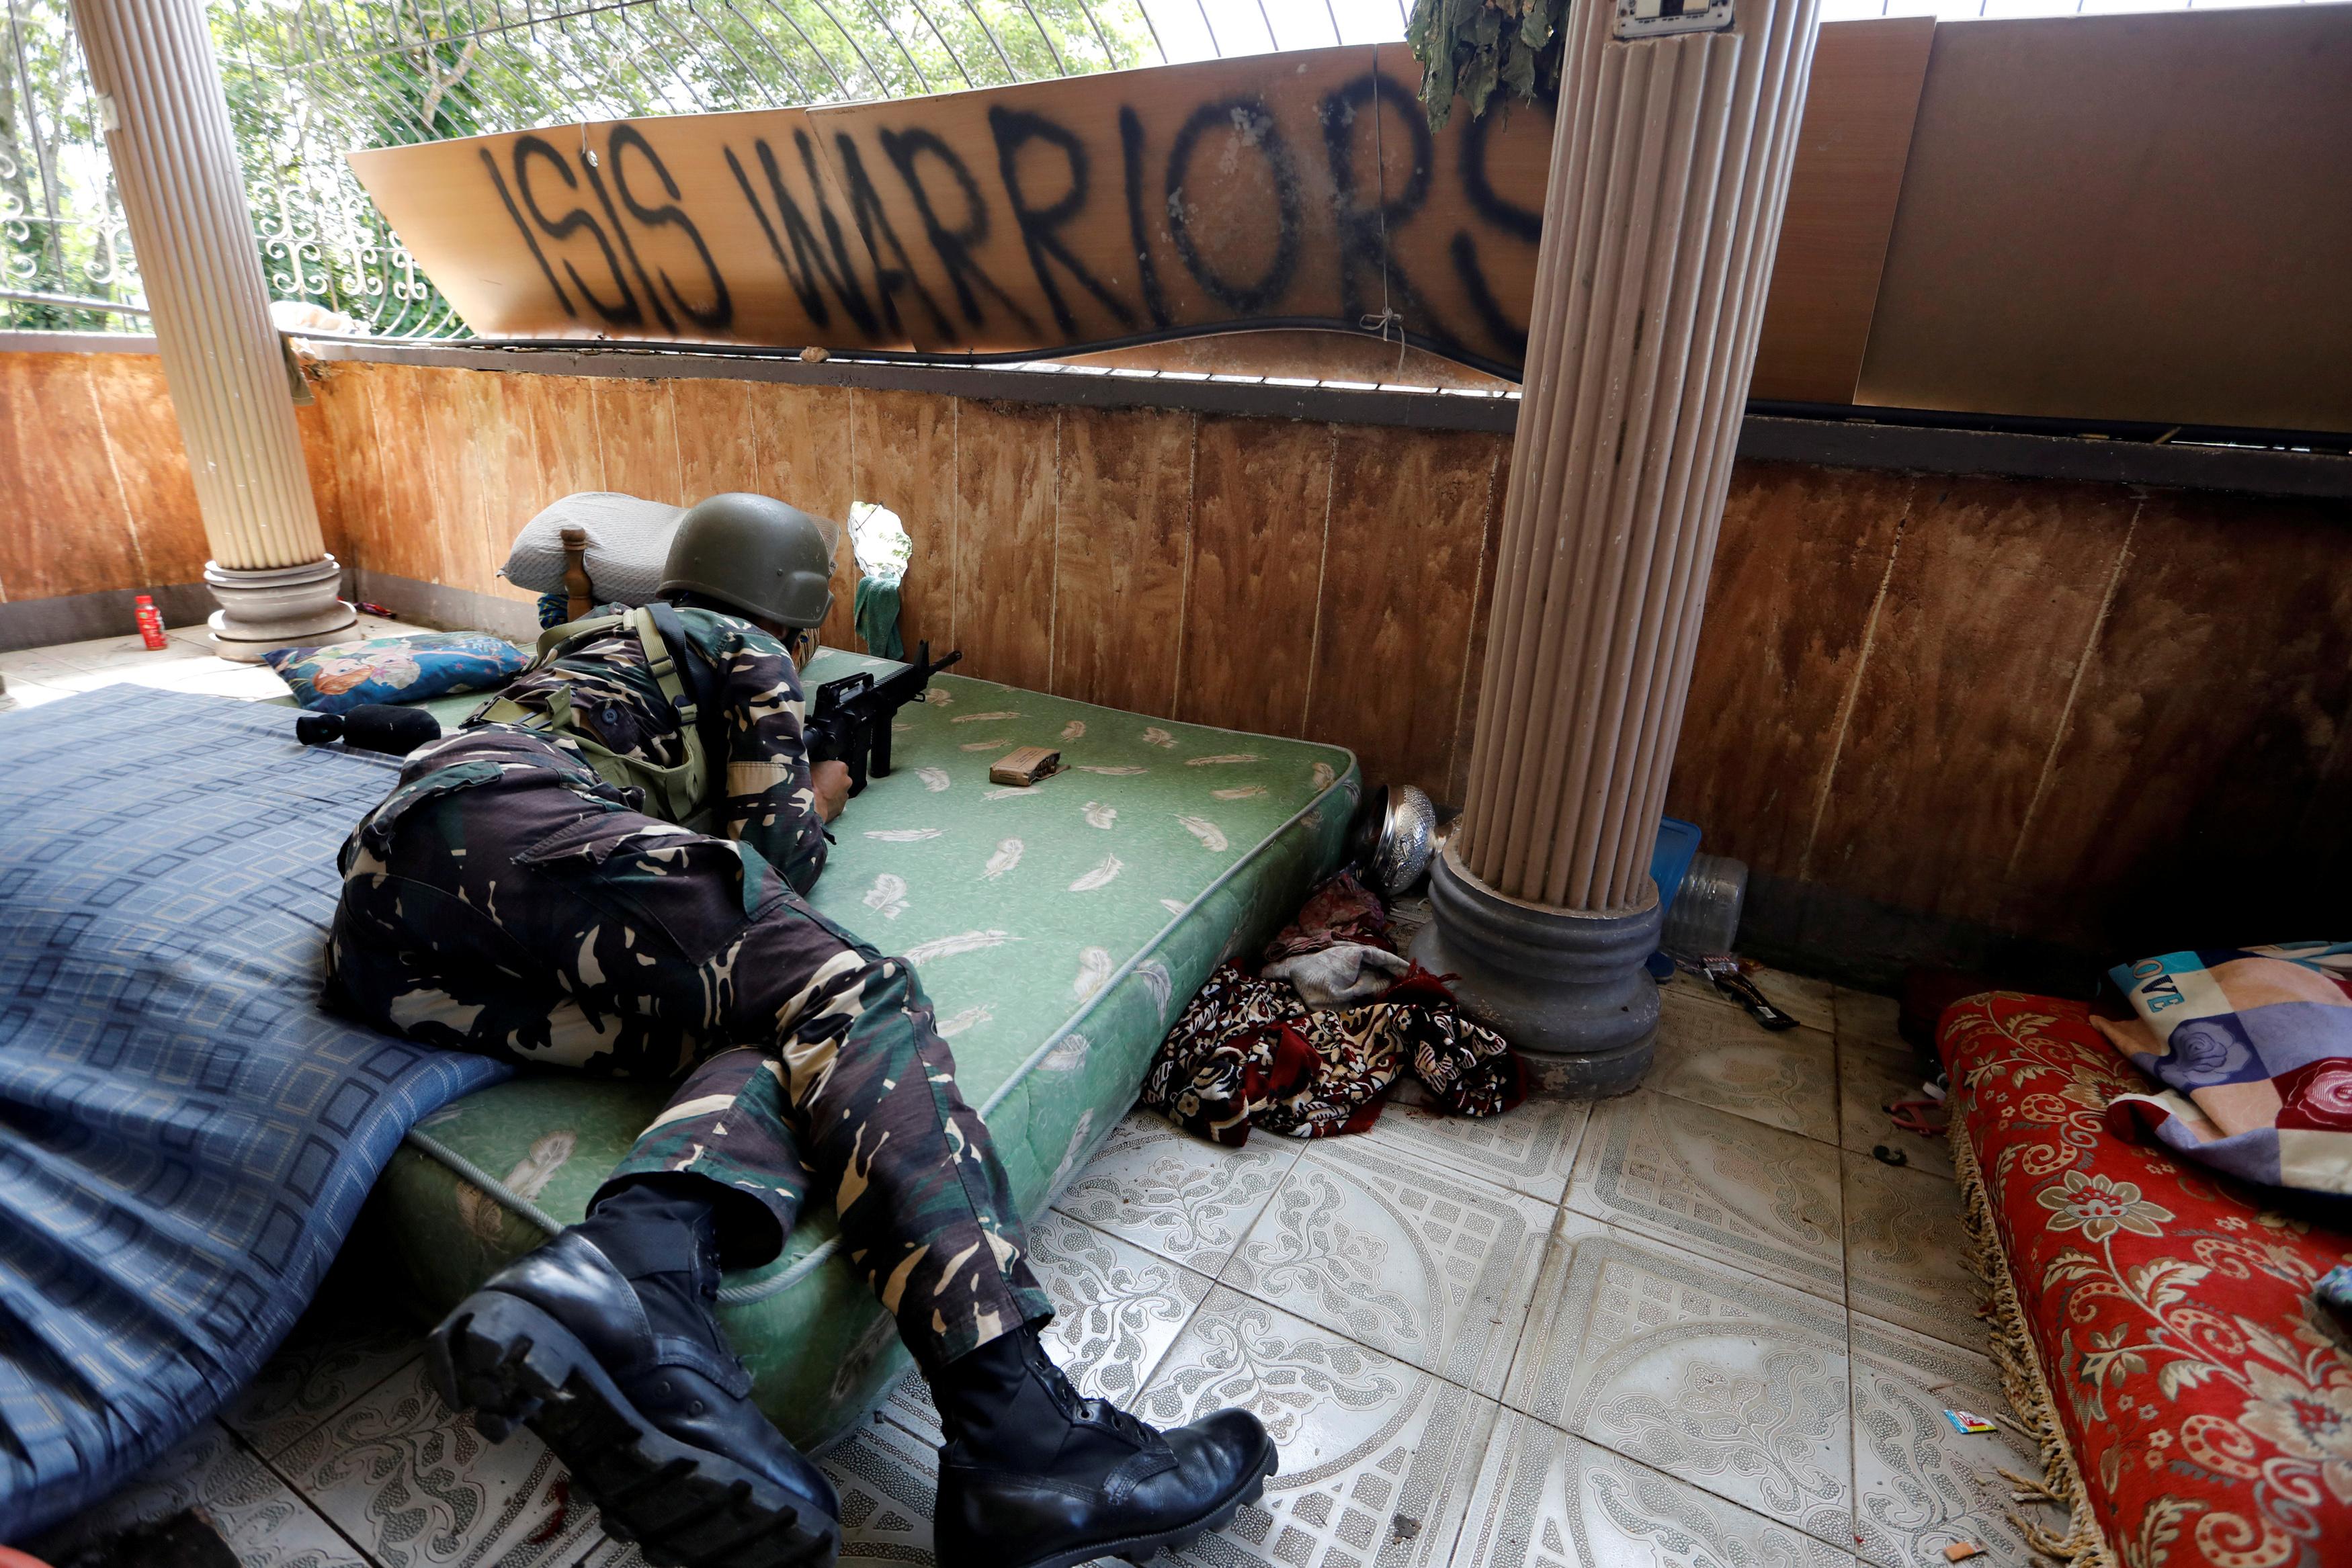 Battle of Marawi: Wanted ISIS terrorist Isnilon Hapilon has